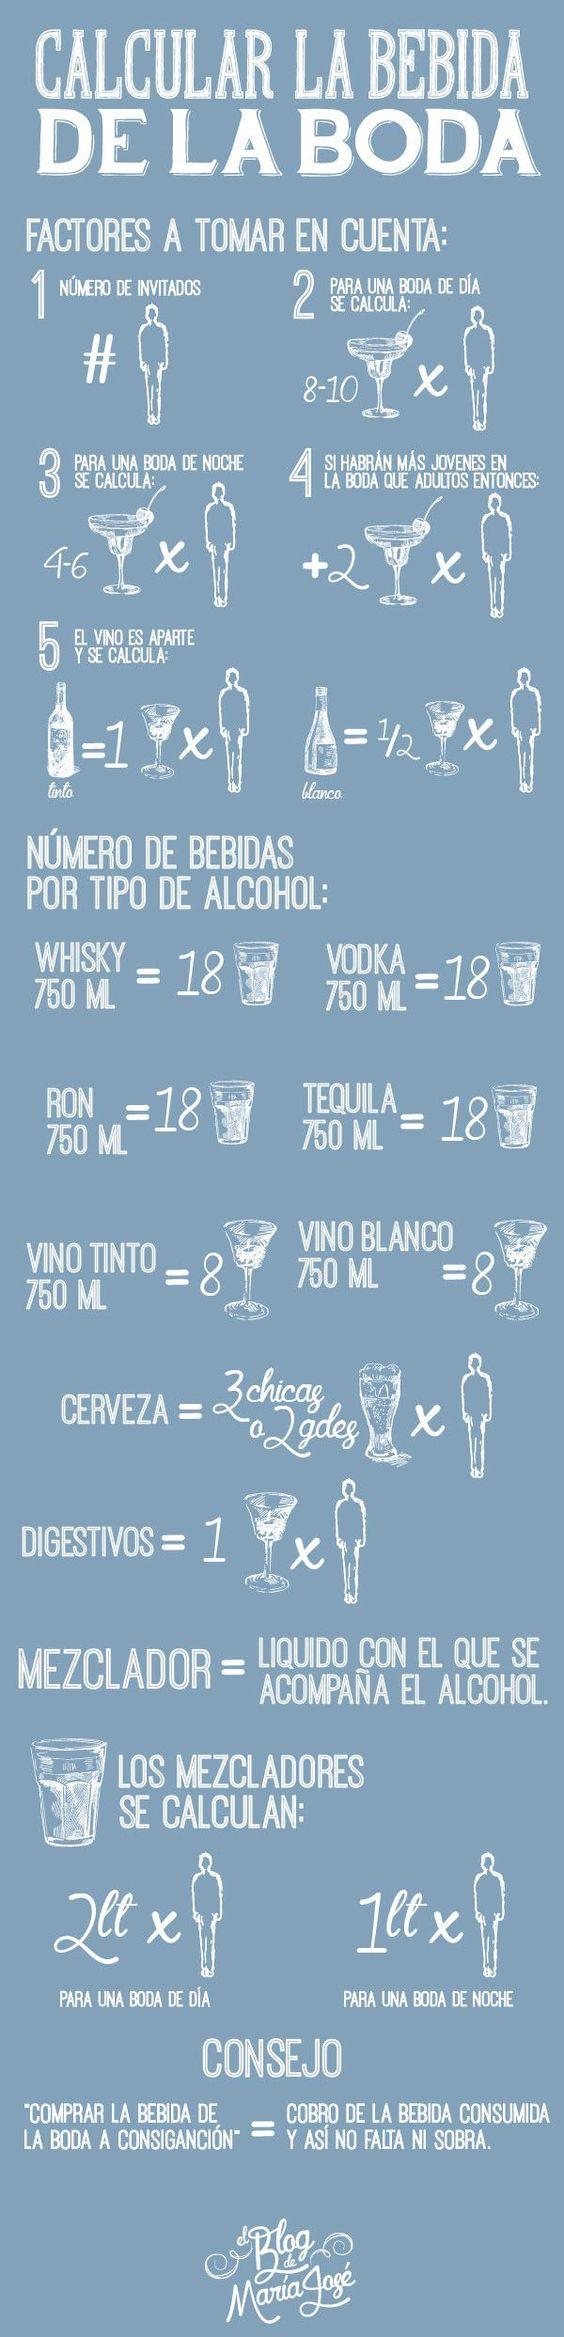 💸¿Cuál es el precio justo del alcohol en tu boda? 2